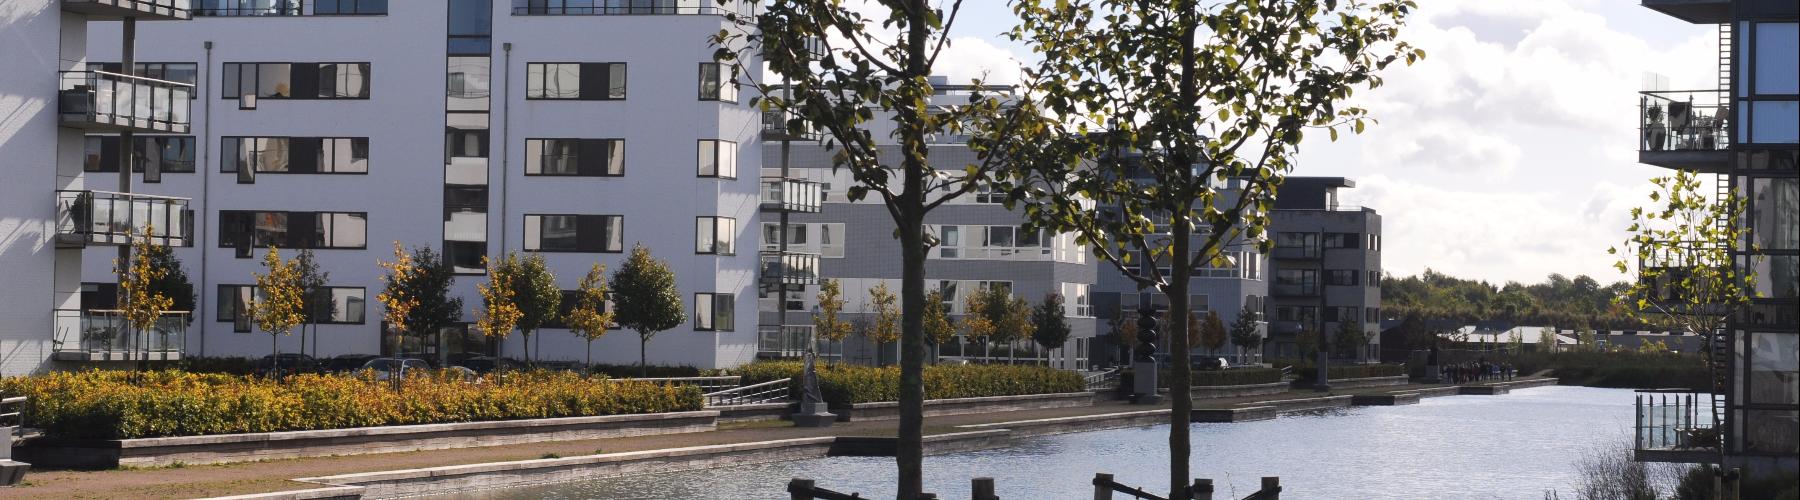 Ballerup Kommune cover image